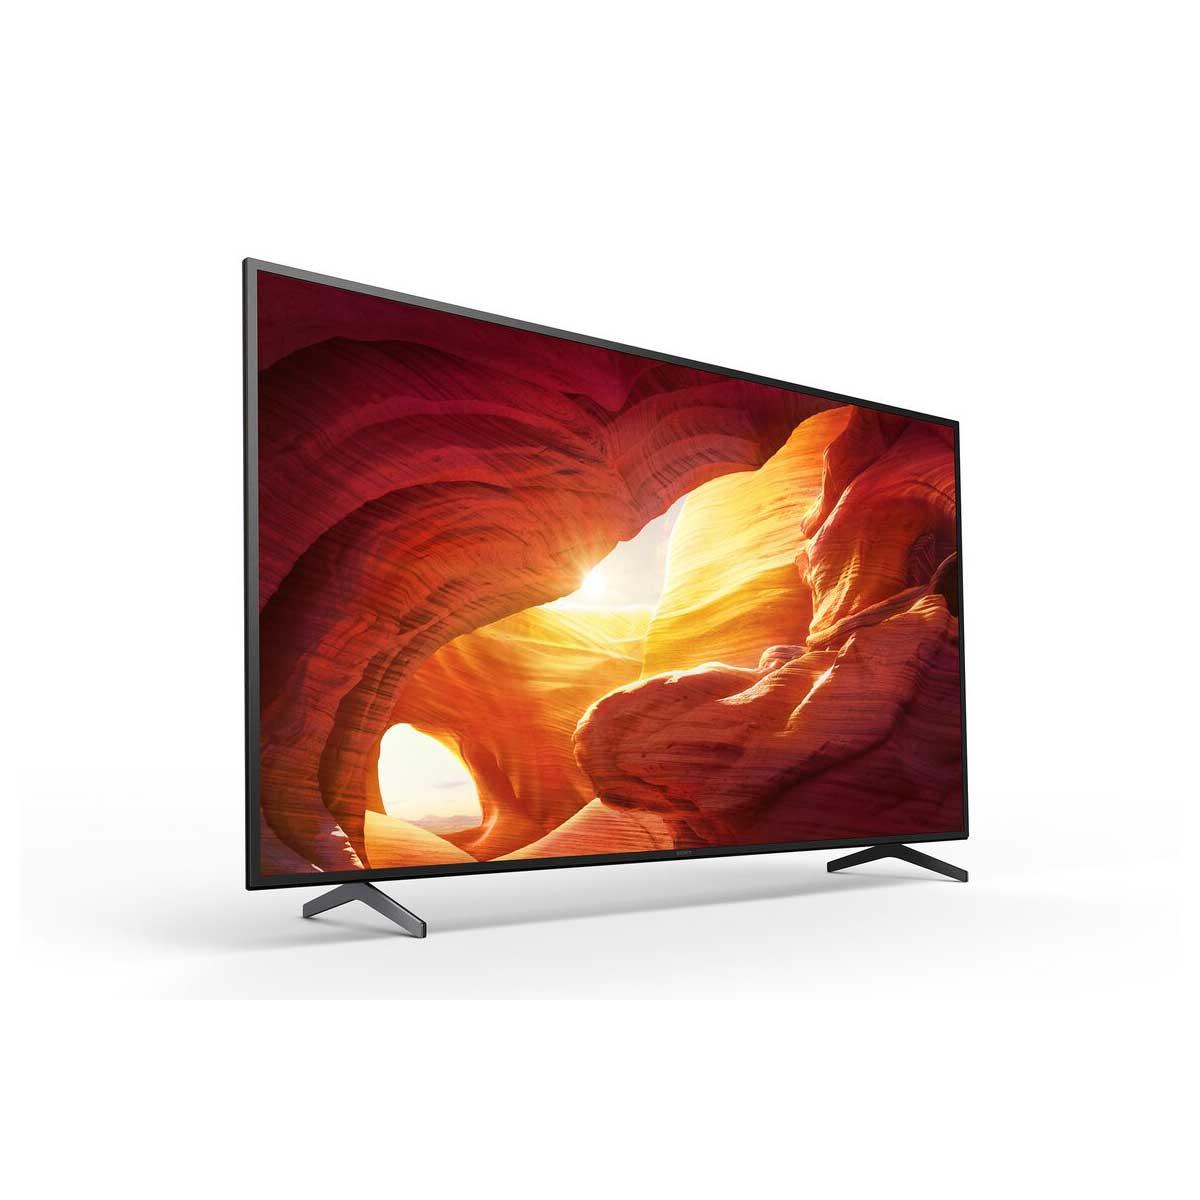 【今週発売の注目製品】ソニーから、75V型で20万円台で買える4K液晶テレビが登場